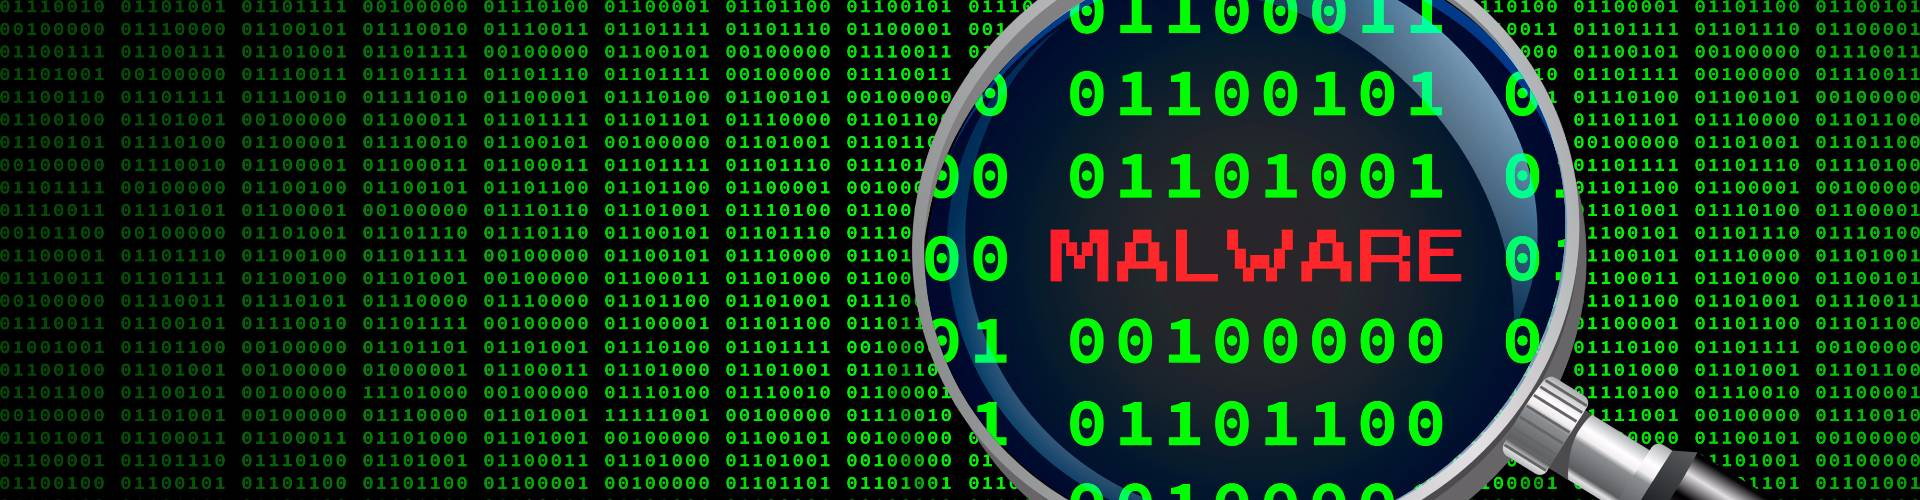 Er din router inficeret med malware? - Allan-Greve.dk - personlig blog af Allan Greve